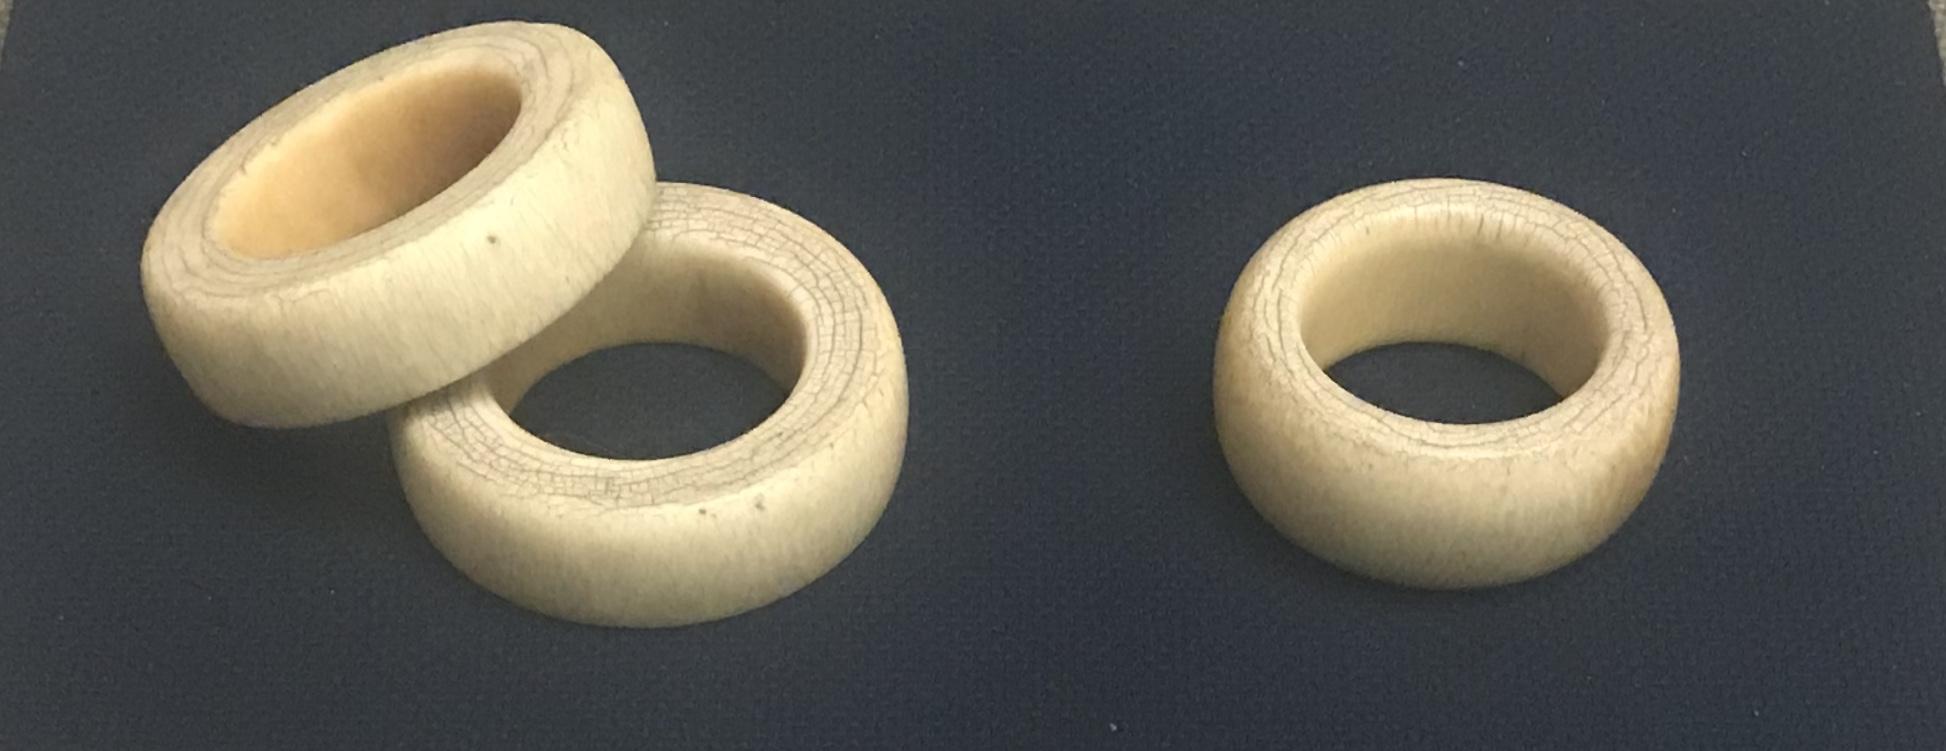 象牙手鐲-チャン族アクセサリー-四川民族文物館-四川博物館-成都